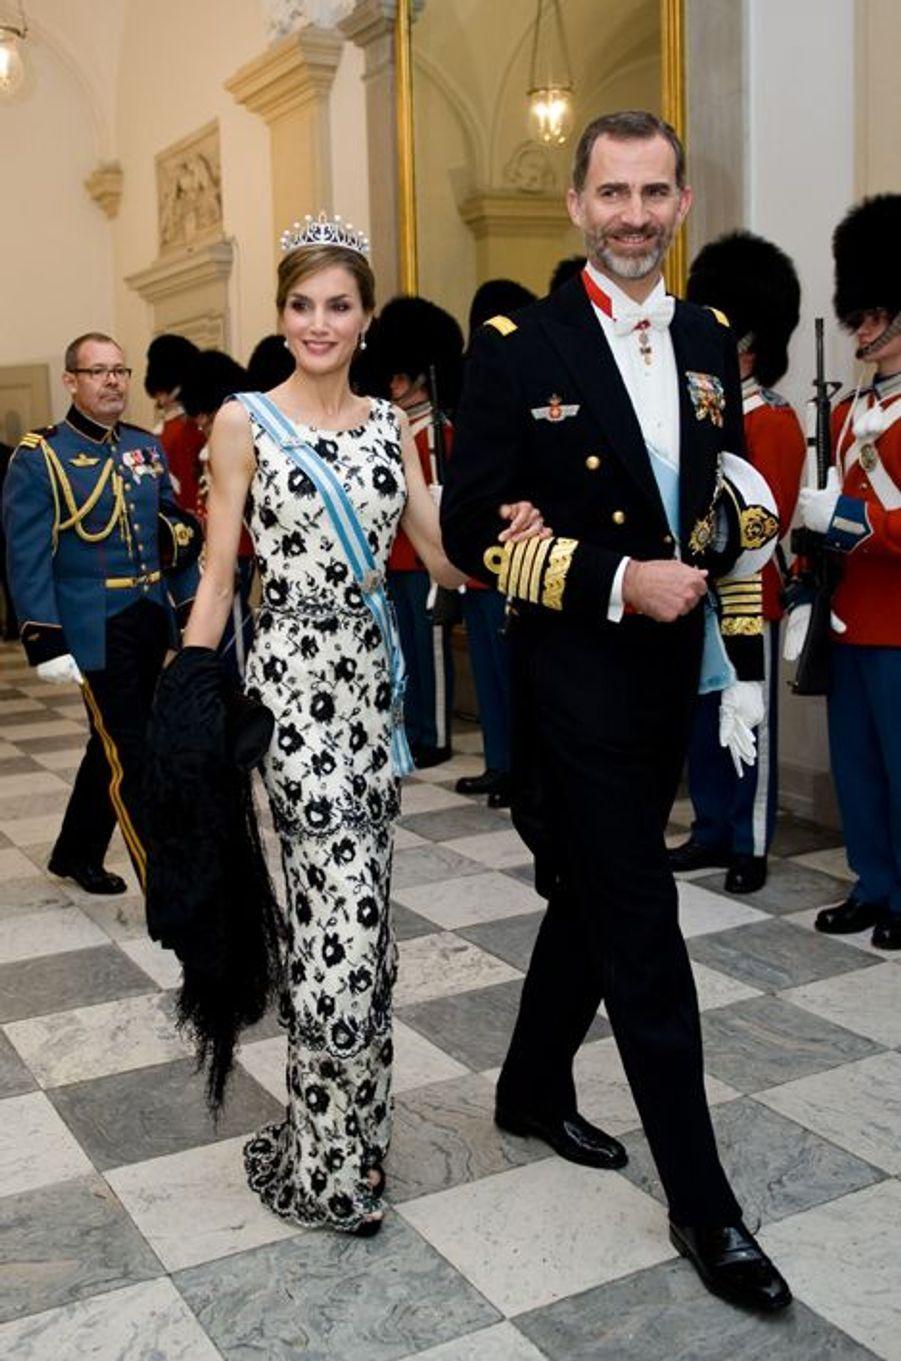 Le roi Felipe d'Espagne et la reine Letizia à Copenhague, le 15 avril 2015